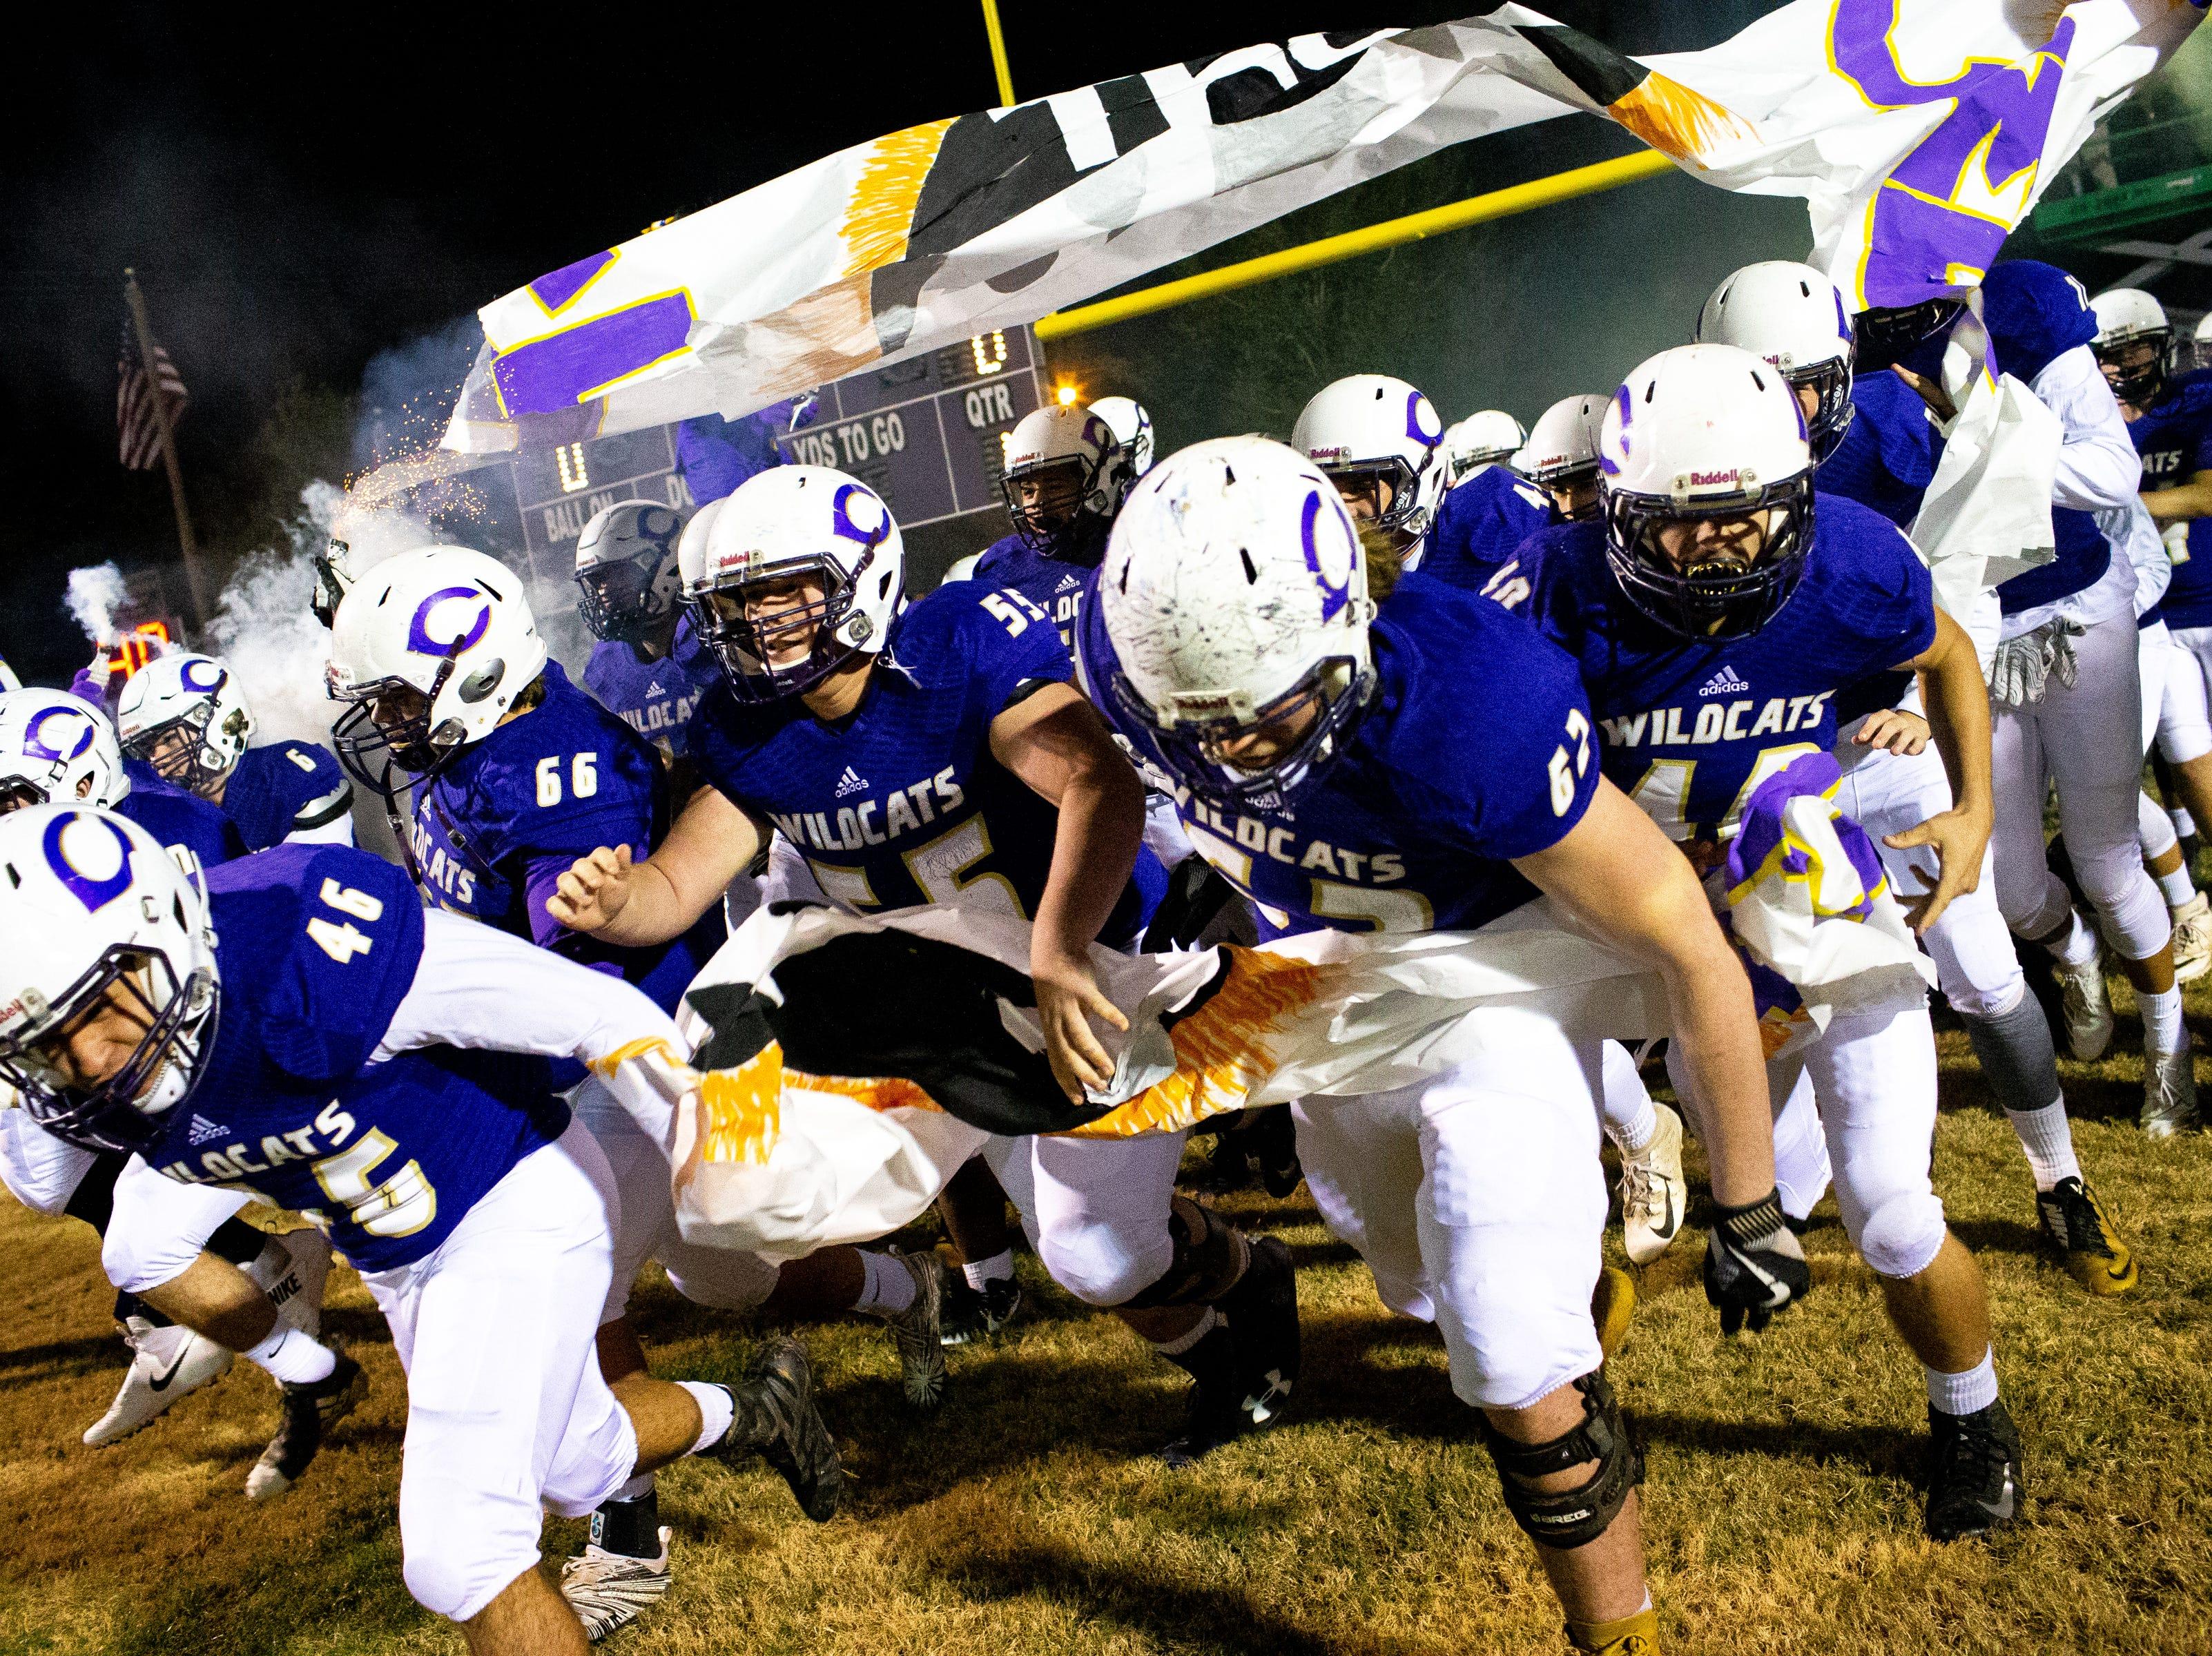 Clarksville High runs onto the field before the game at Clarksville High Friday, Nov. 2, 2018, in Clarksville, Tenn.